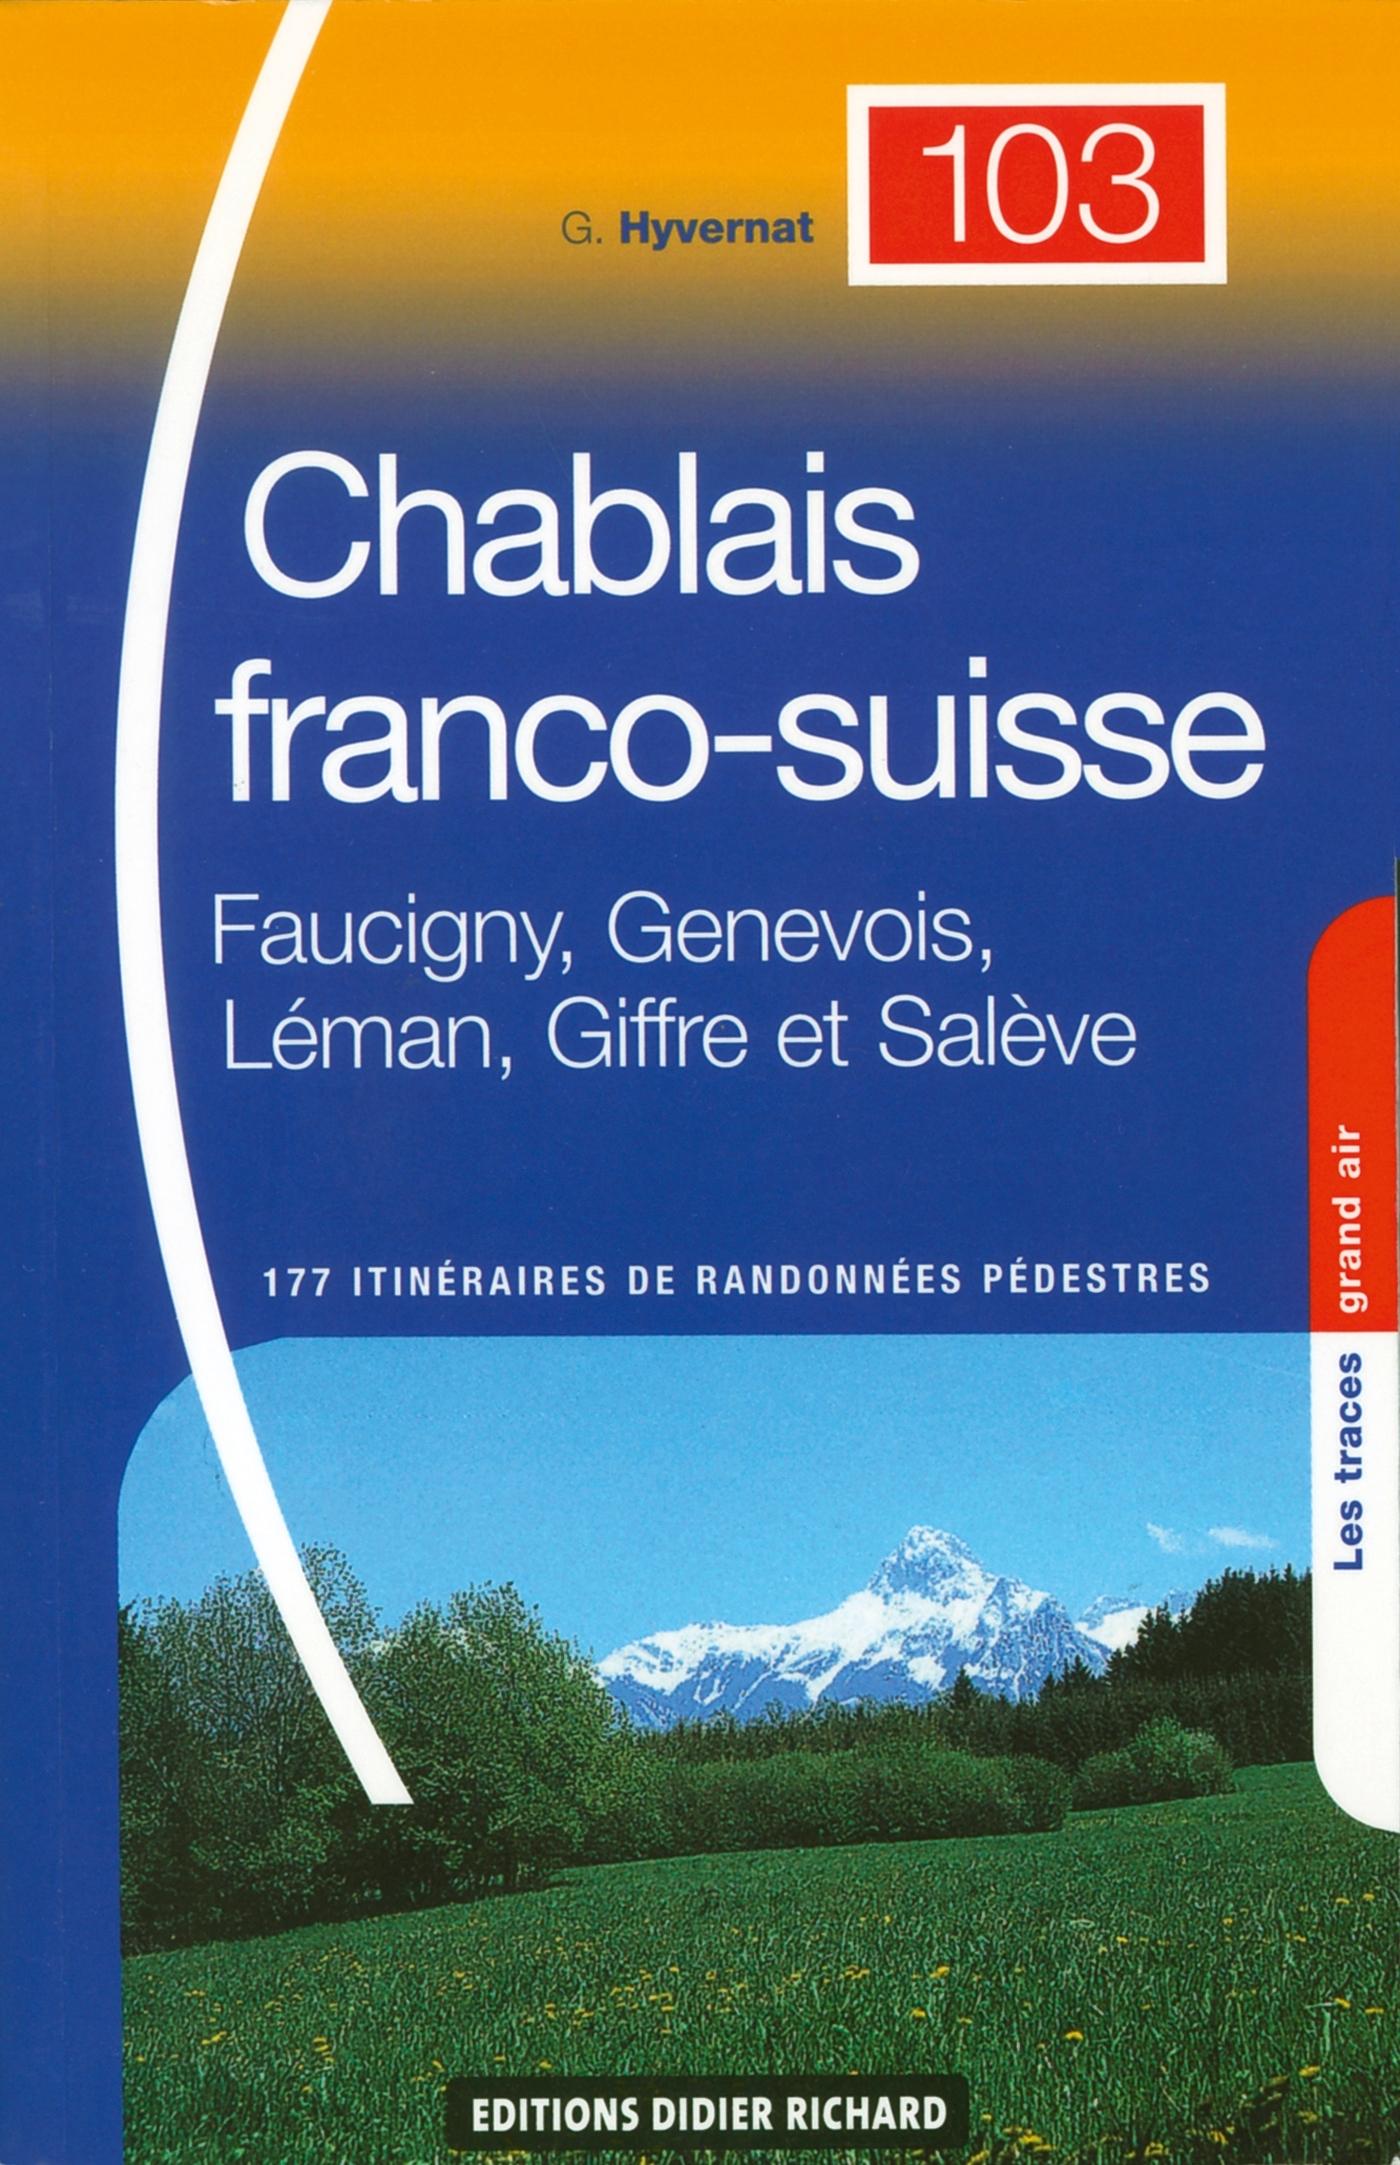 N103 - CHABLAIS FRANCO-SUISSE